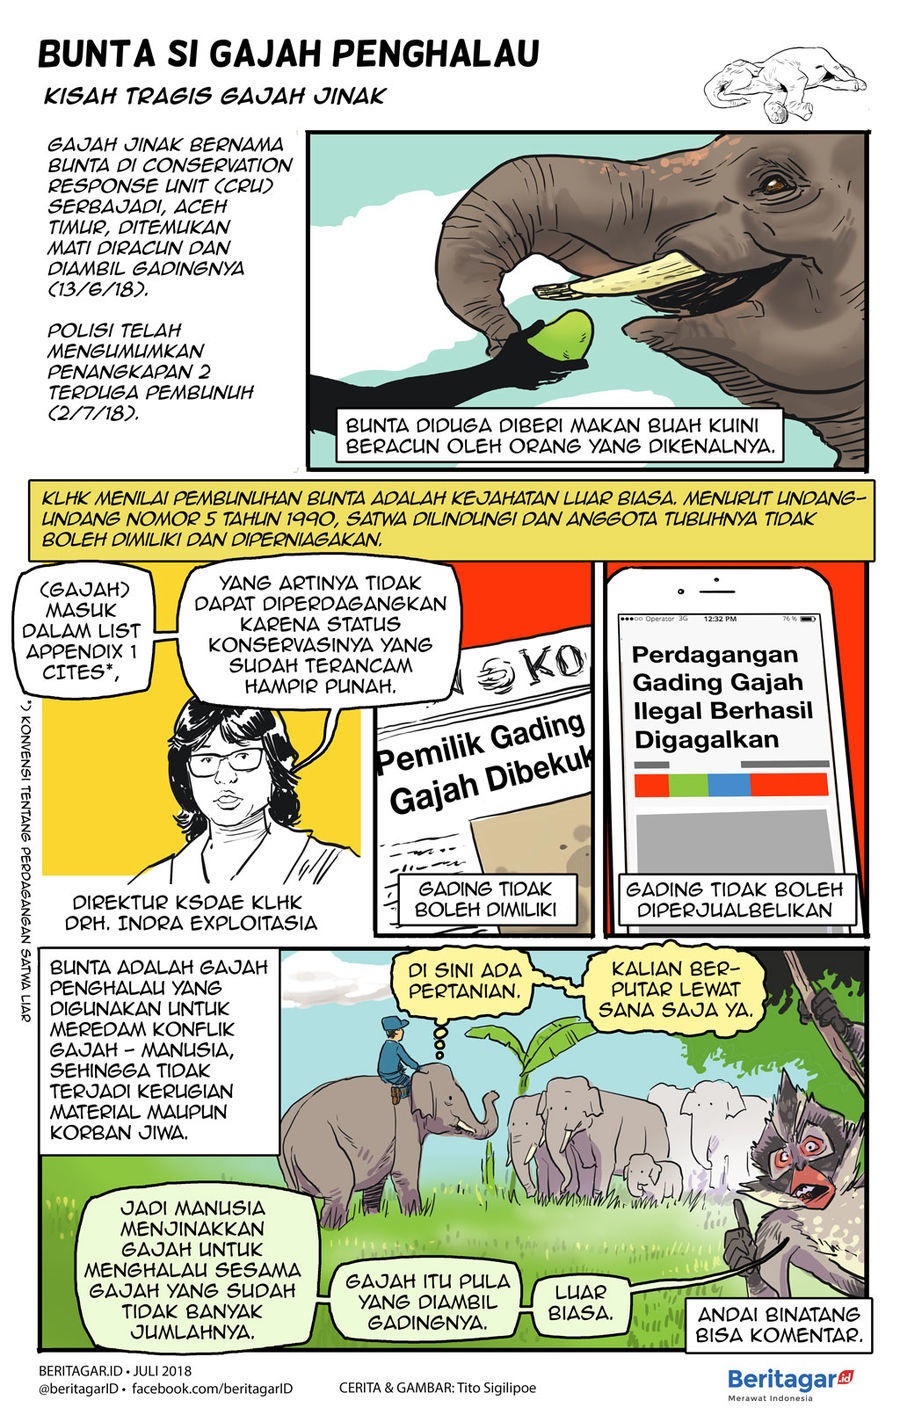 Membunuh gajah bersahabat demi gading